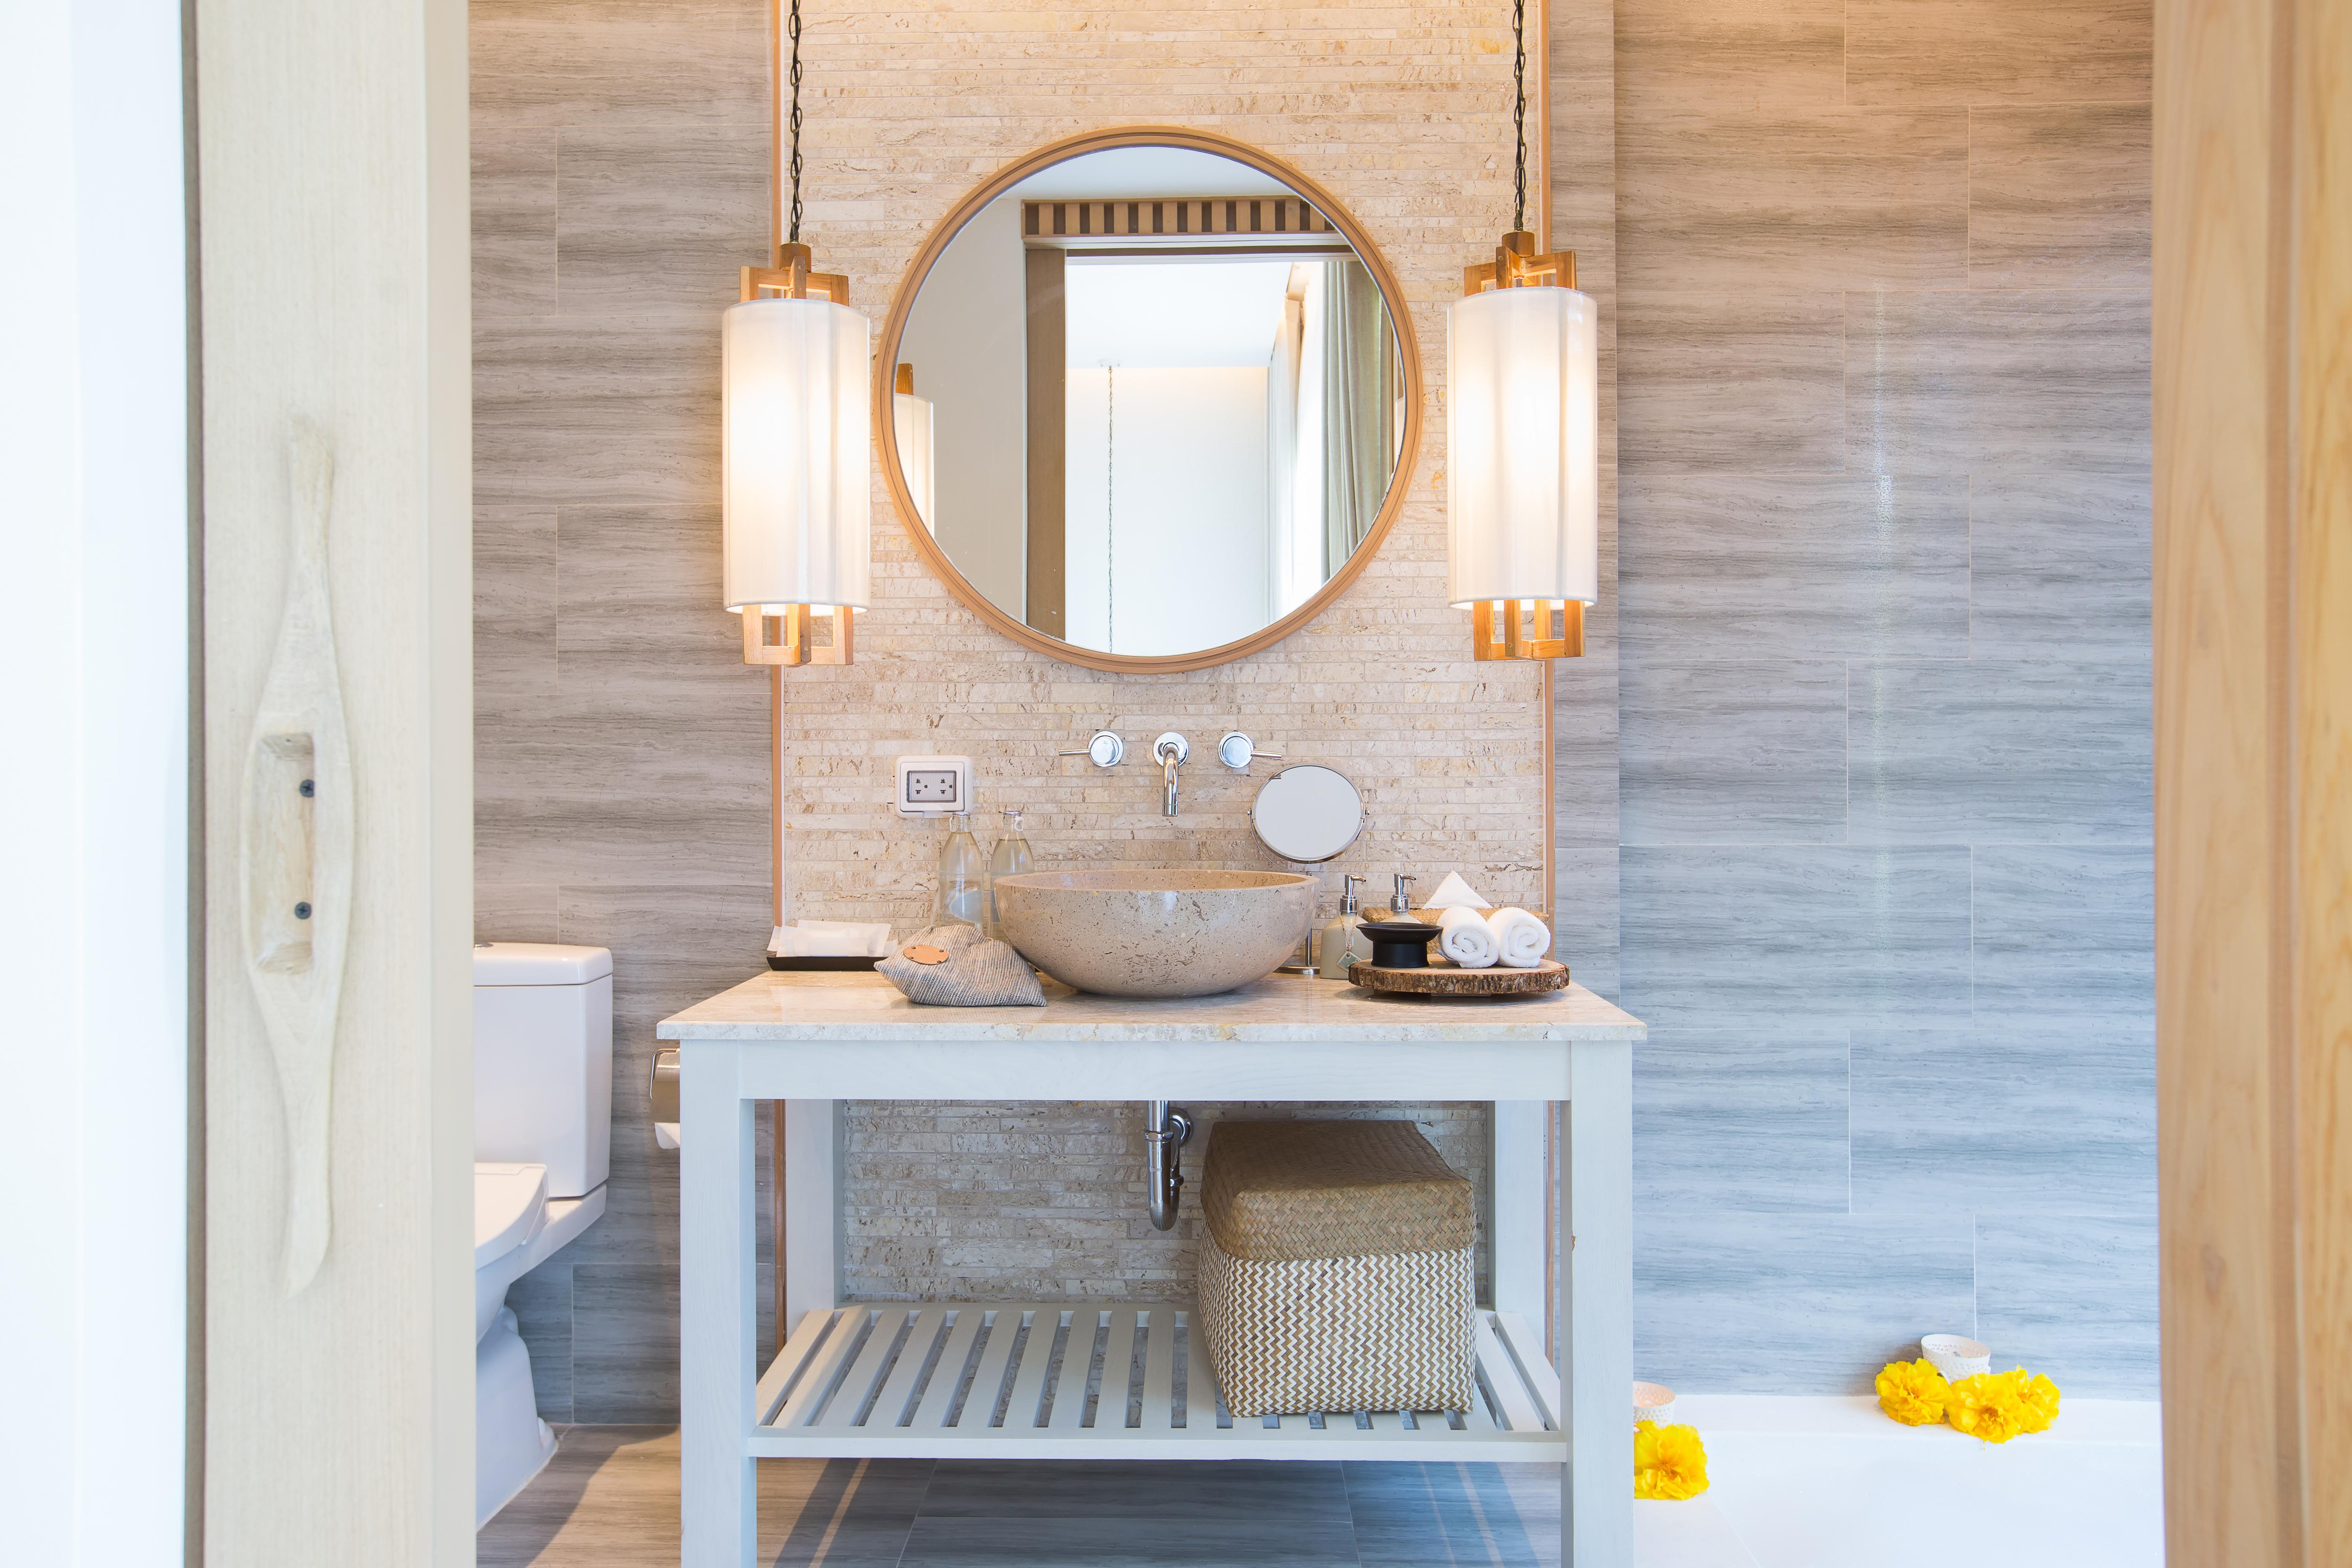 Habitat Meuble De Salle De Bain aménagement salle de bain design : mes idées et conseils